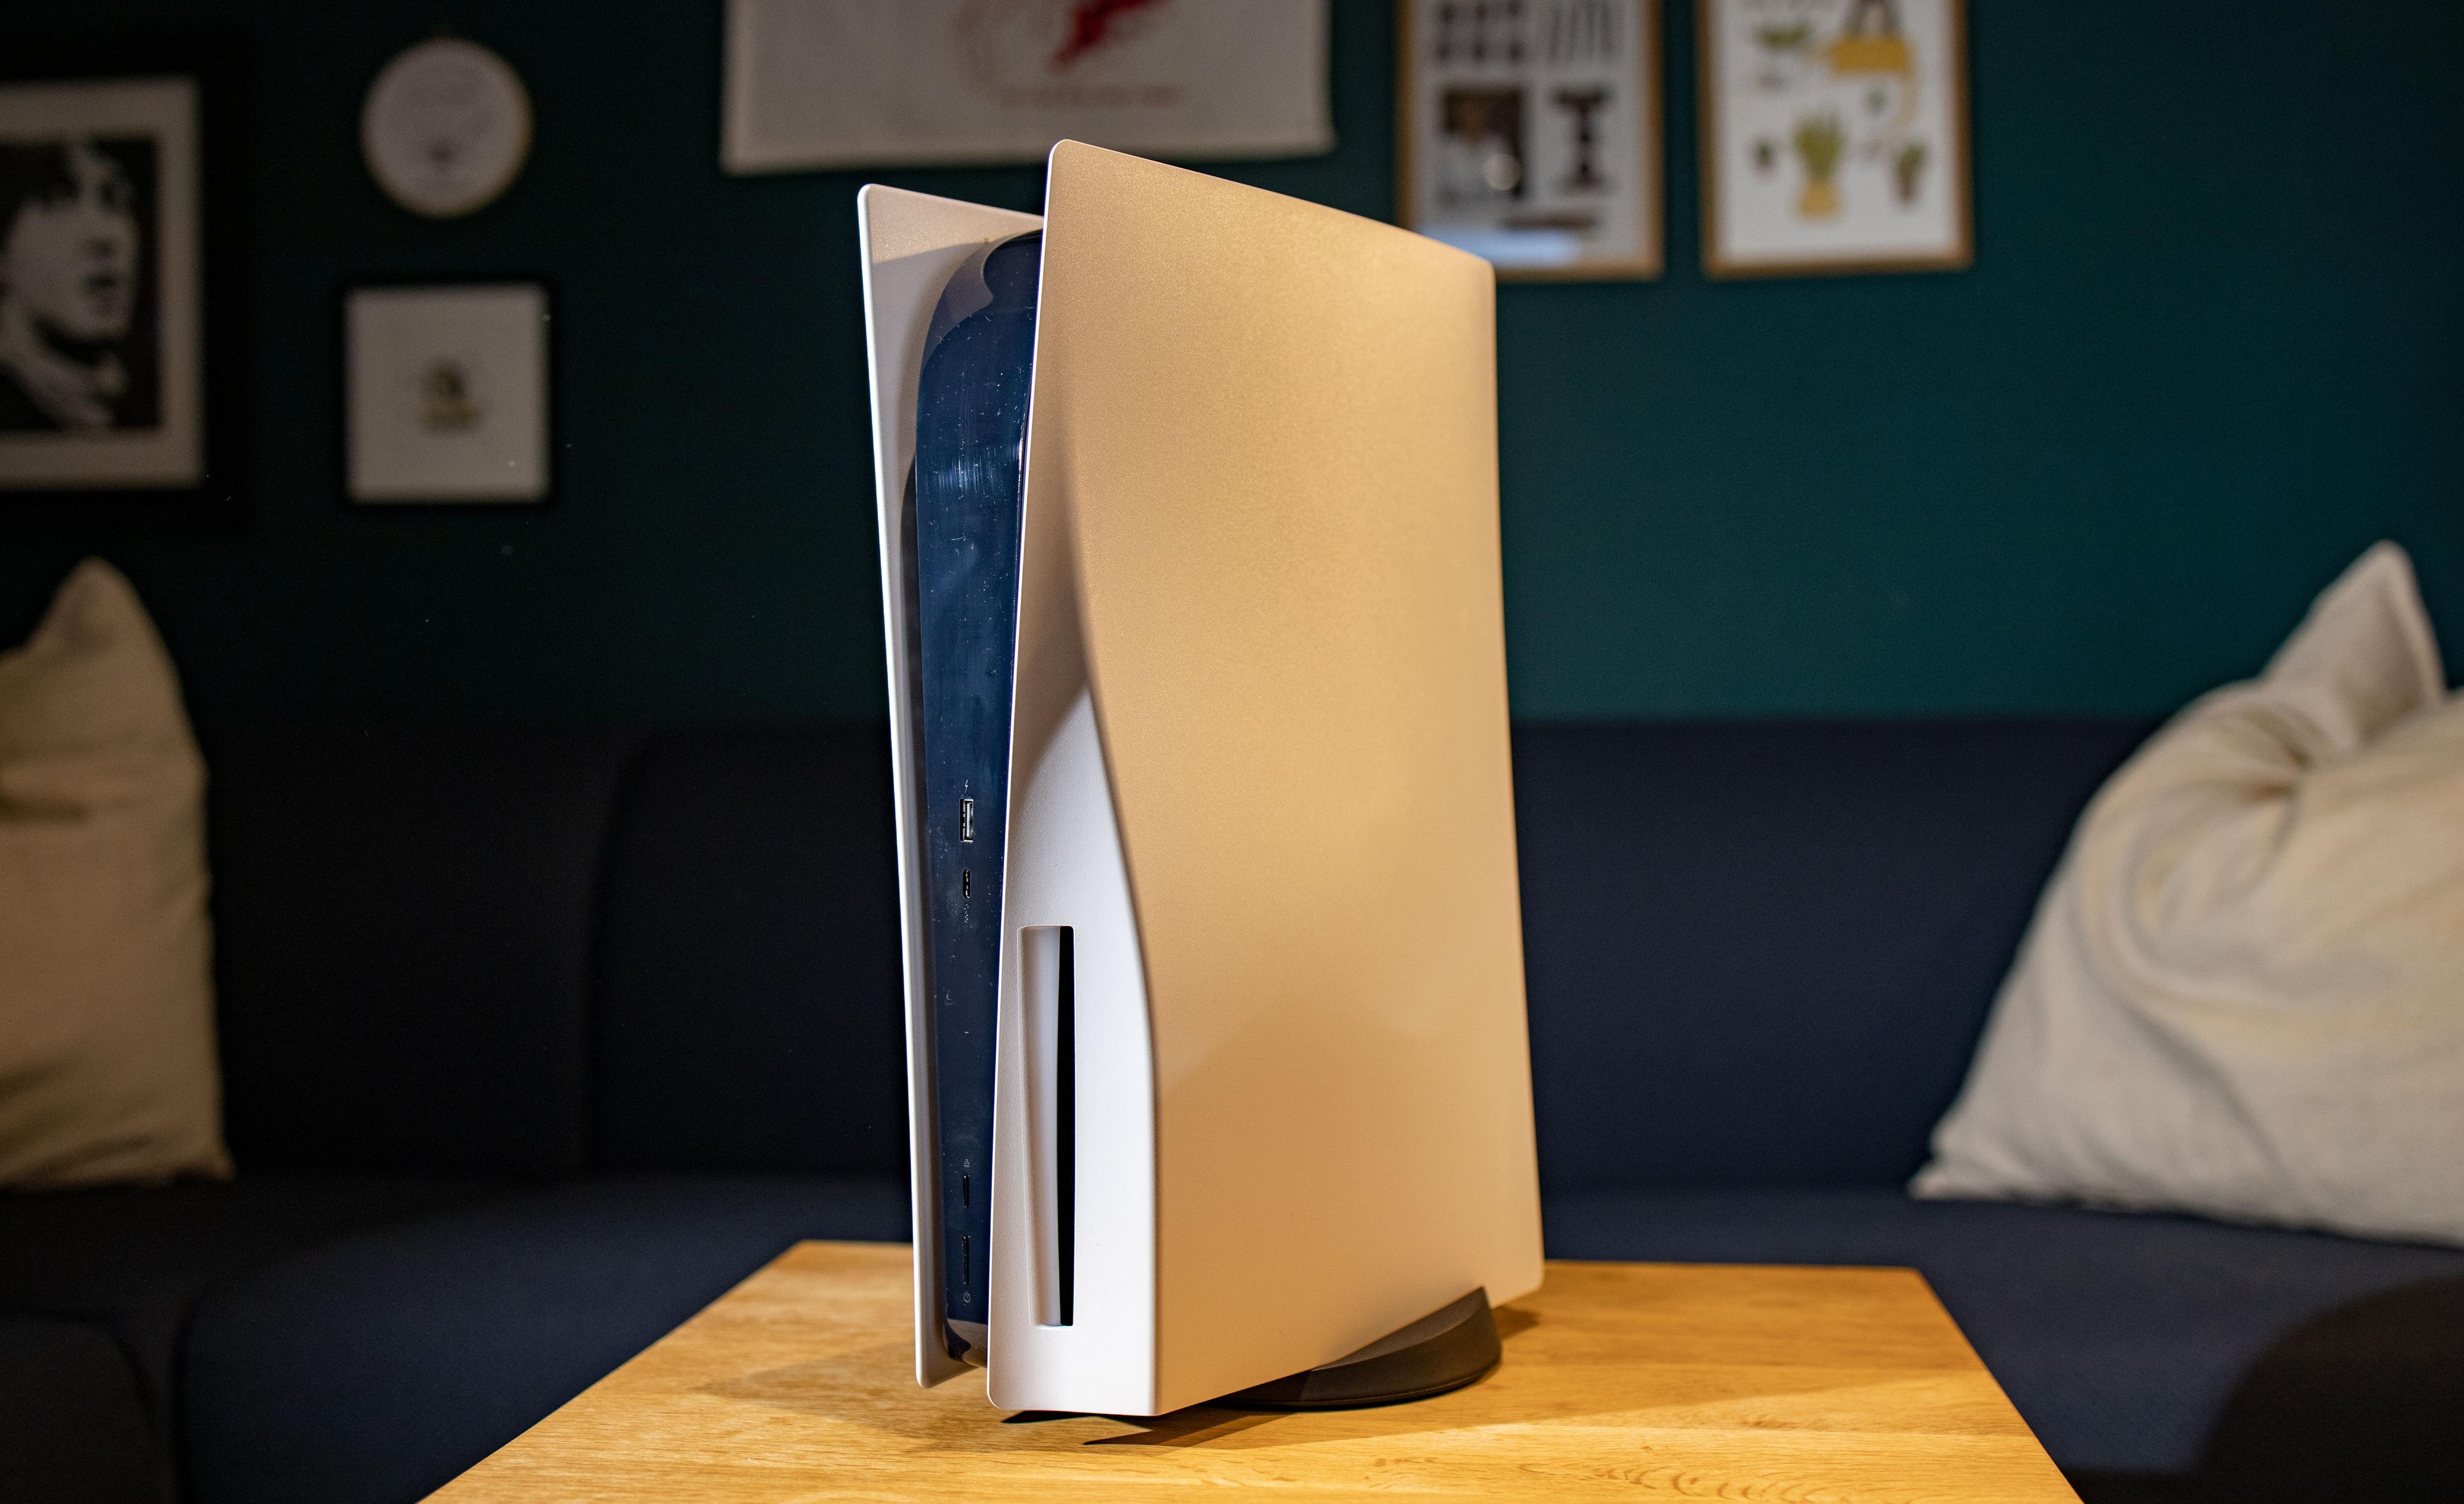 Playstation 5-lanseringen ser ut til å ha gått over alle støvleskaft. Proshop skal ha solgt 1.800 uten å ha fått inn noen.